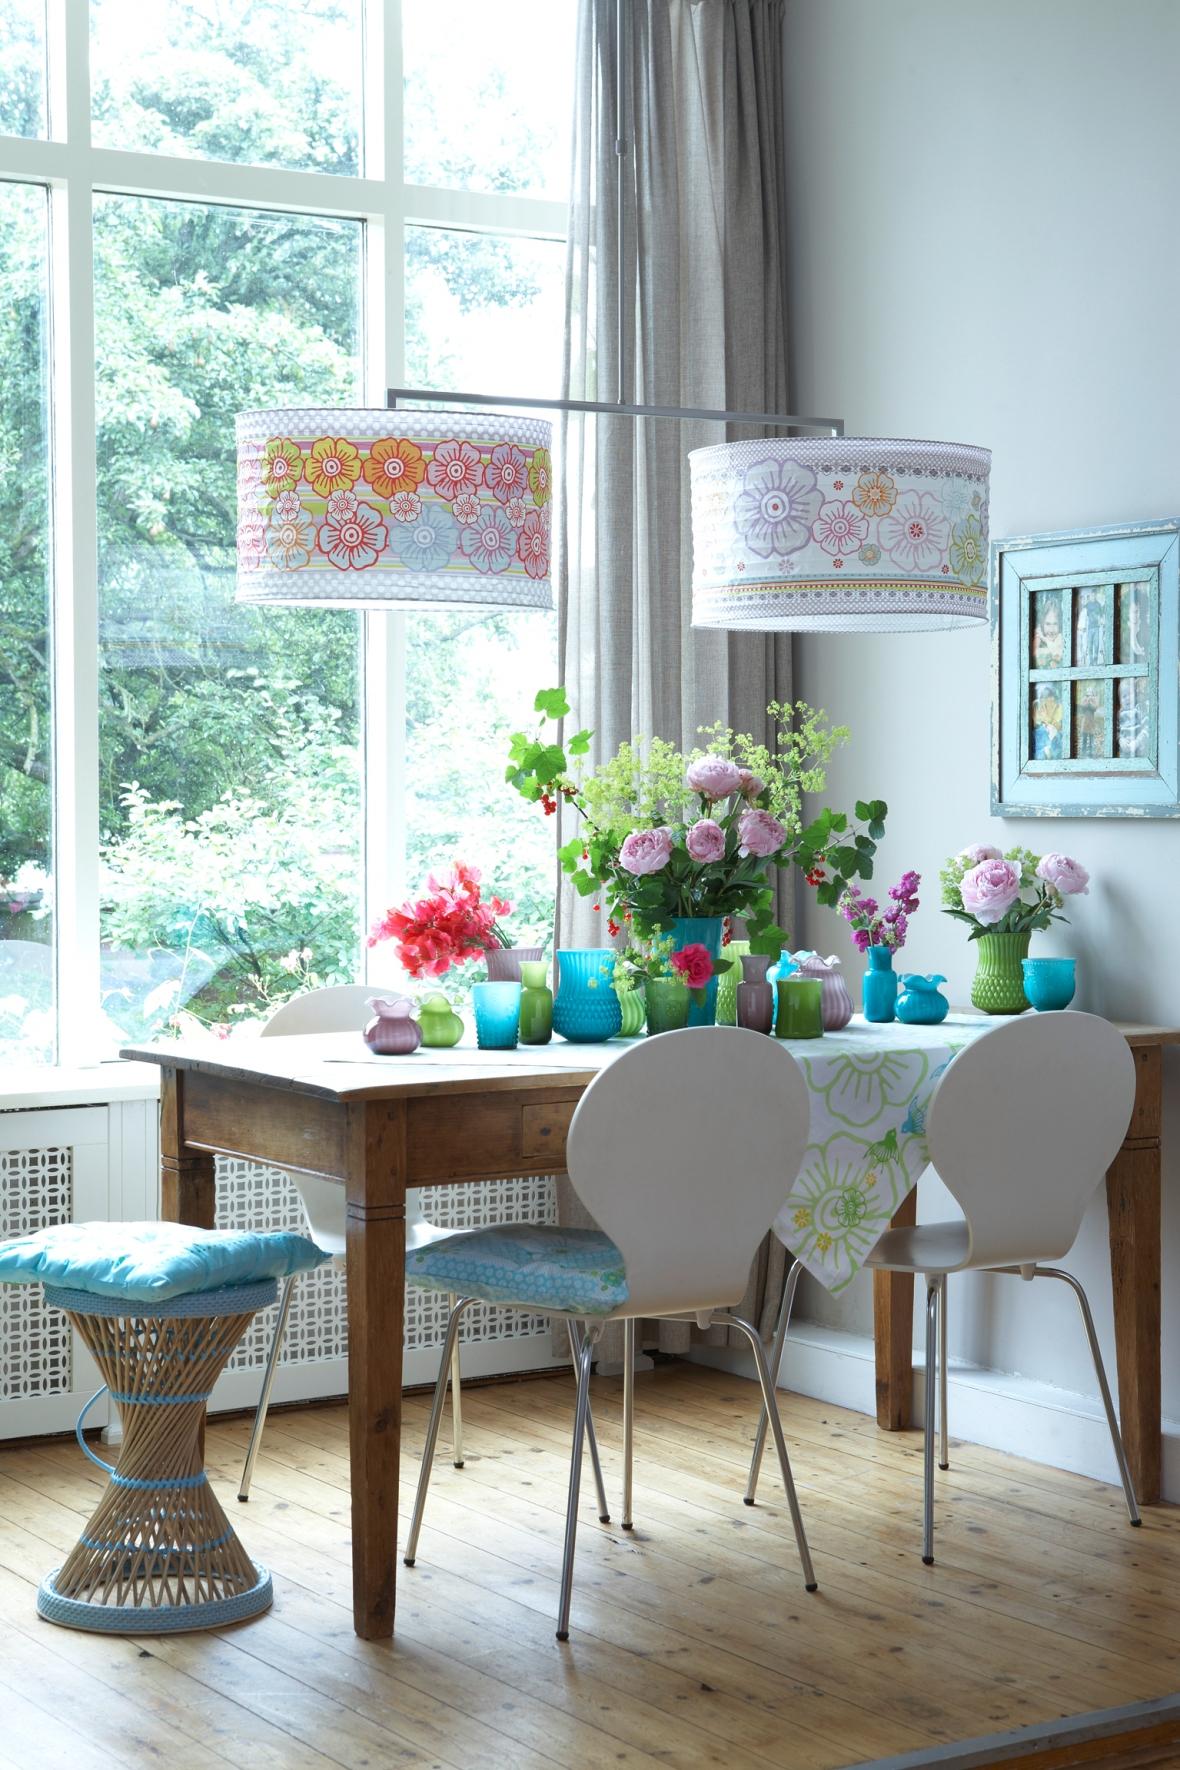 casas-modernas-con-flores-y-vidrio-de-color